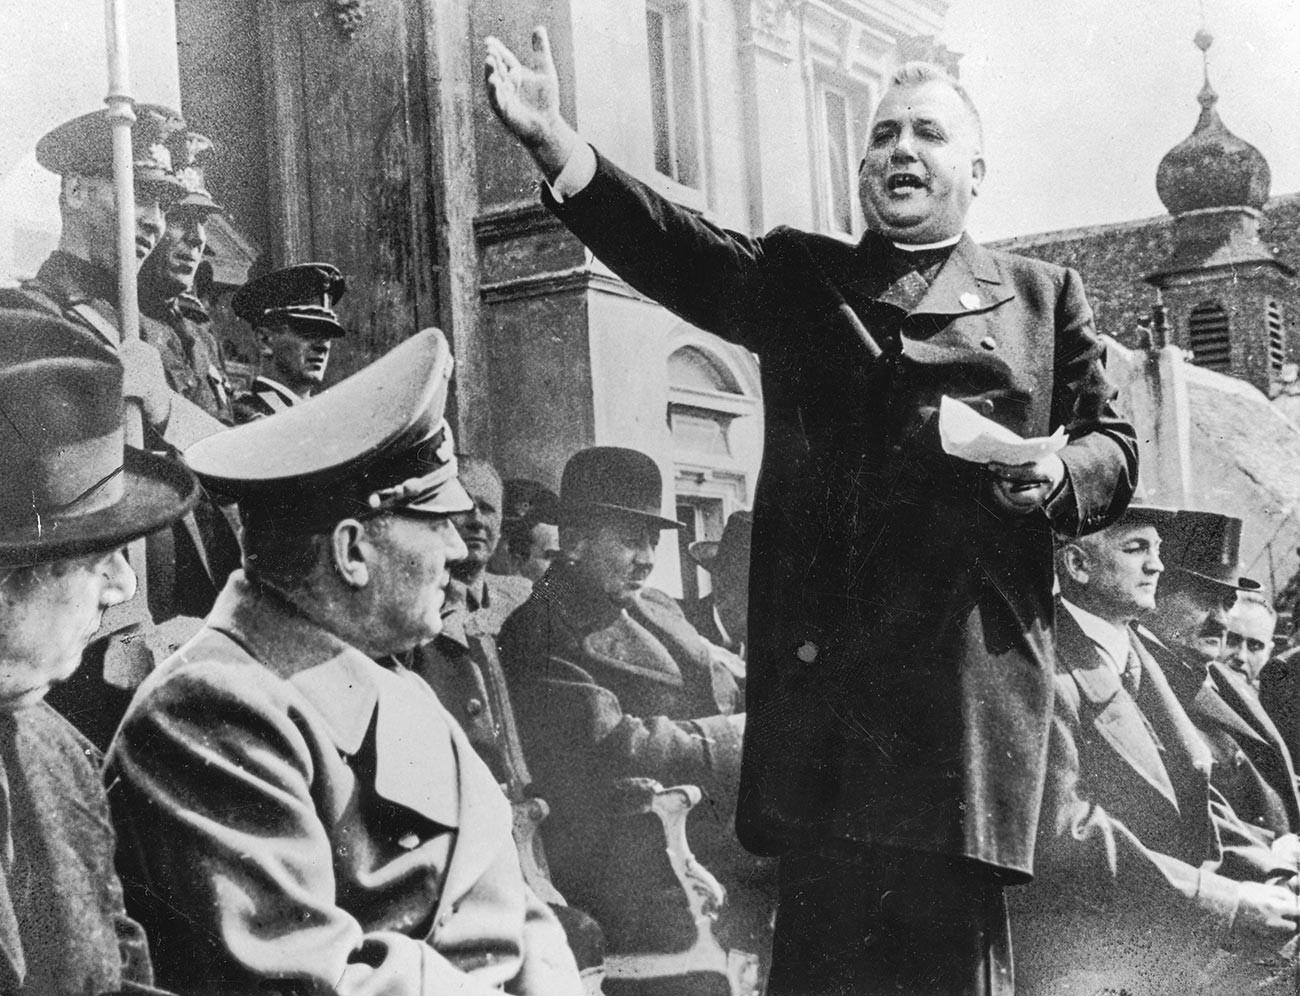 Slovački svećenik i političar Jozef Tiso (1887.-1947.) pozdravlja naciste u neovisnoj Slovačkoj, 1939.